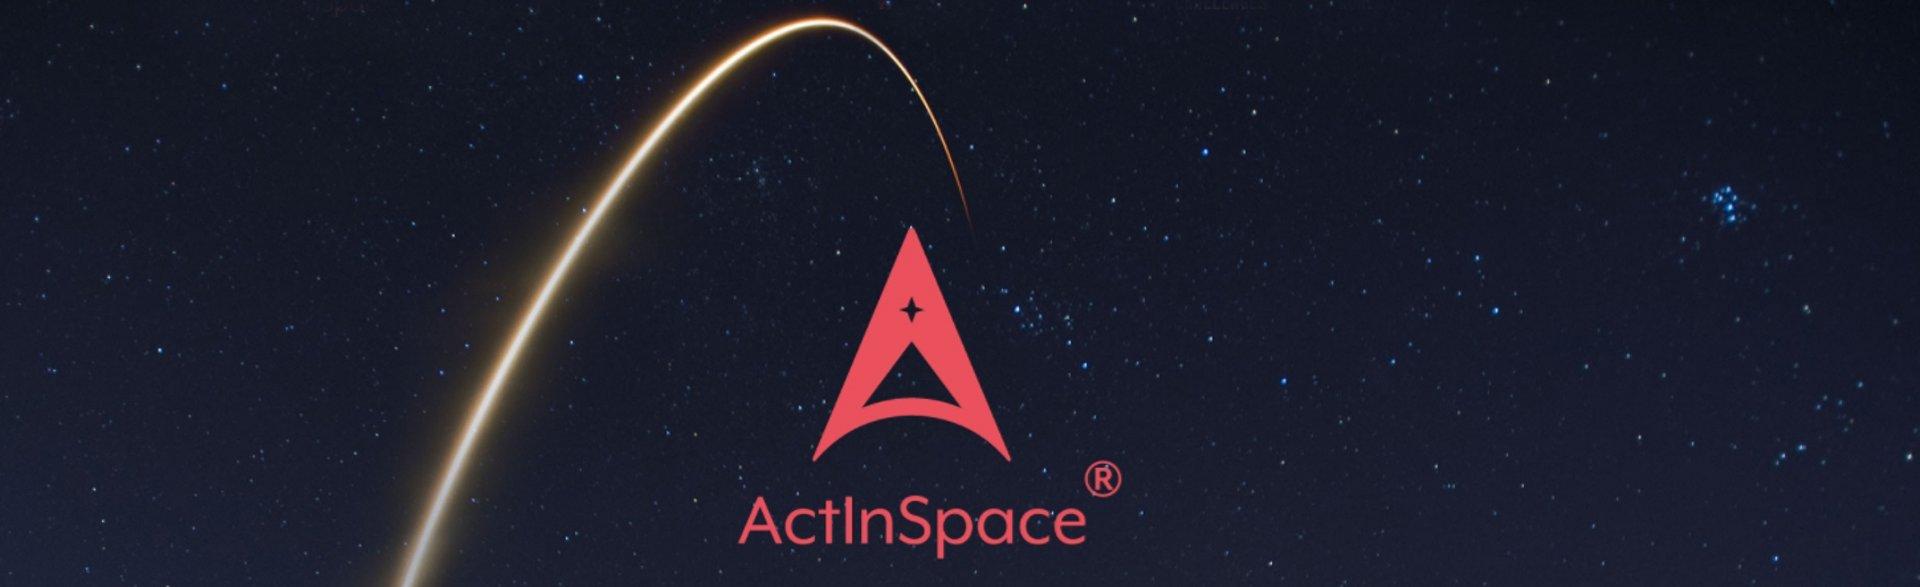 ActInSpace Logo Teaser